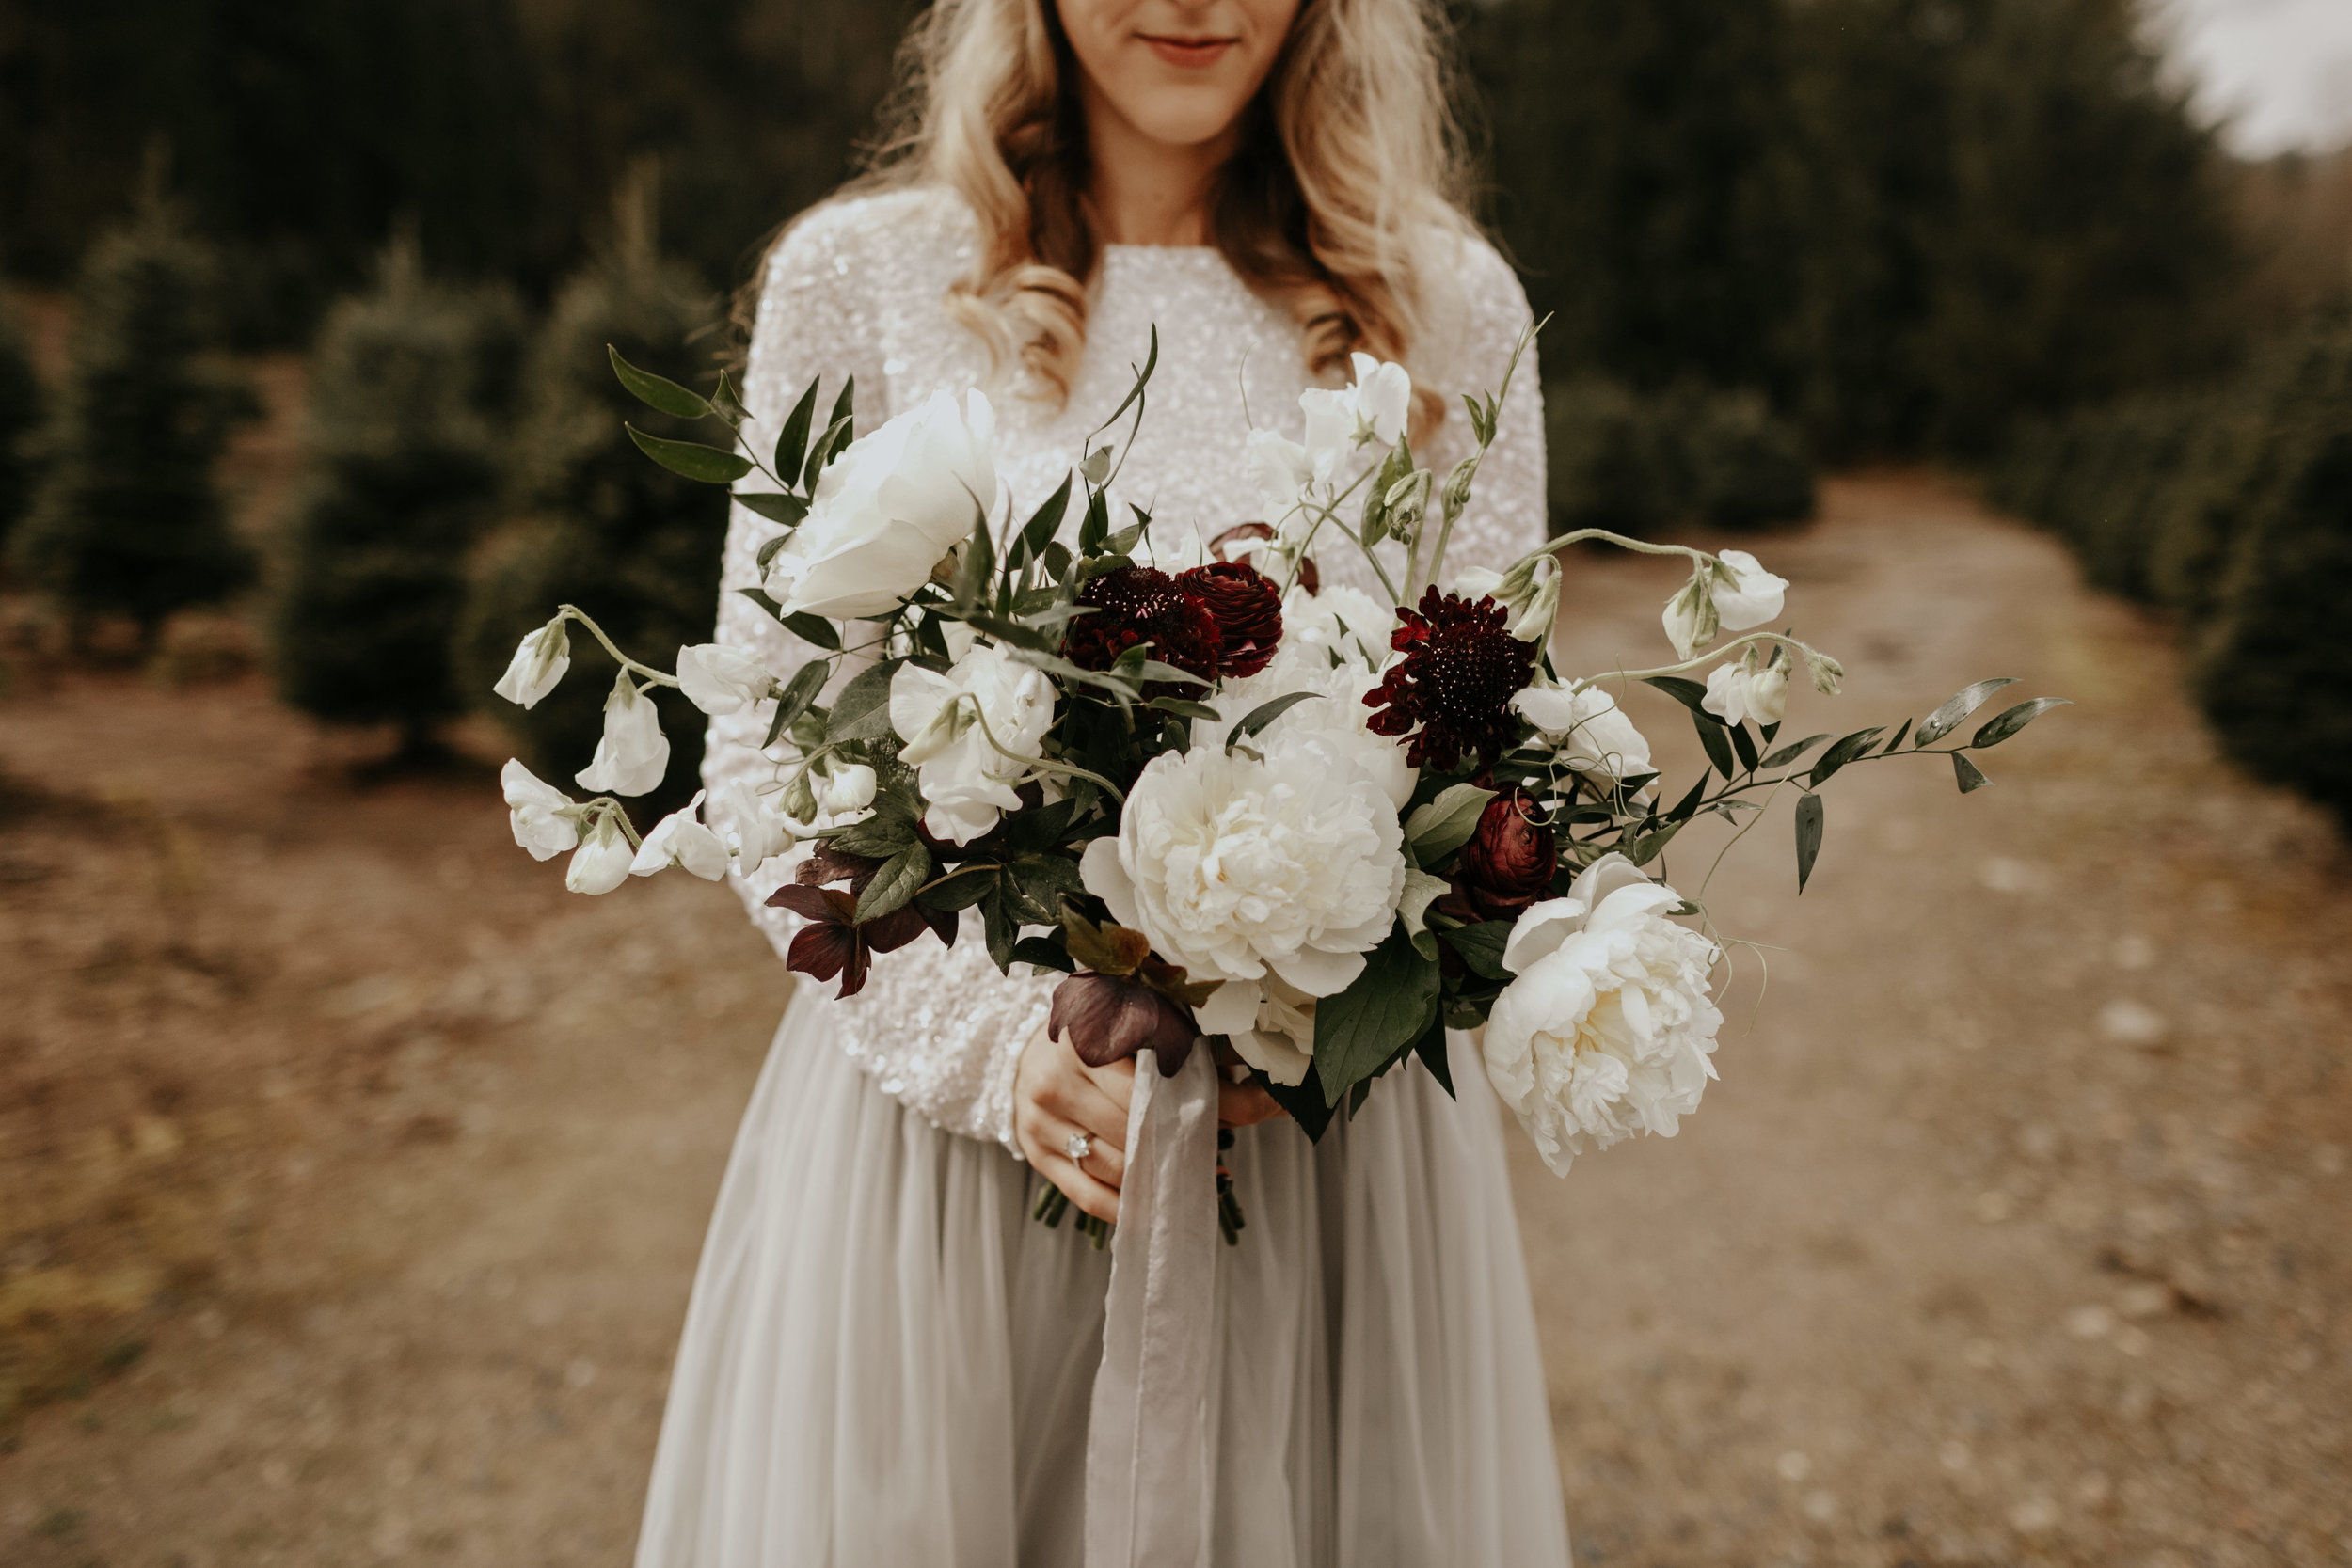 ginapaulson-courtnyandryan-wedding-336.jpg